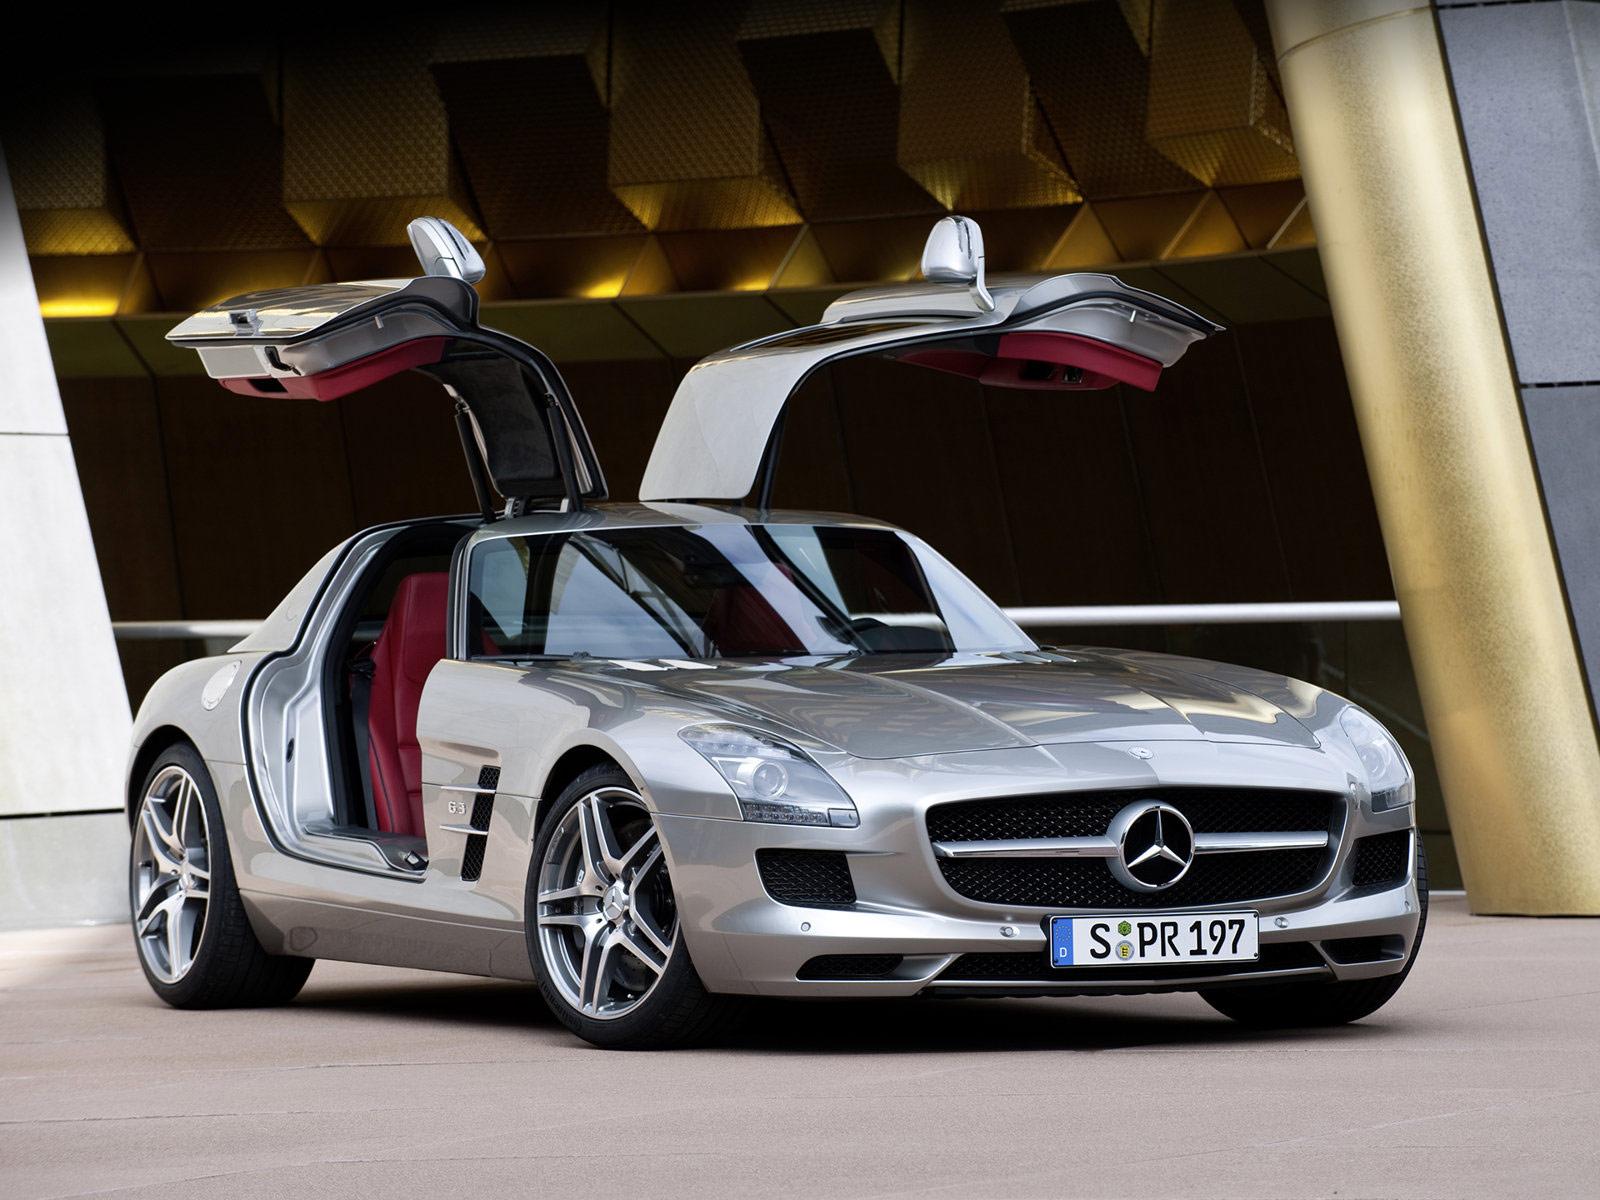 Super luxury car super car mercedes benz sls amg 2011 for Mercedes benz supercar